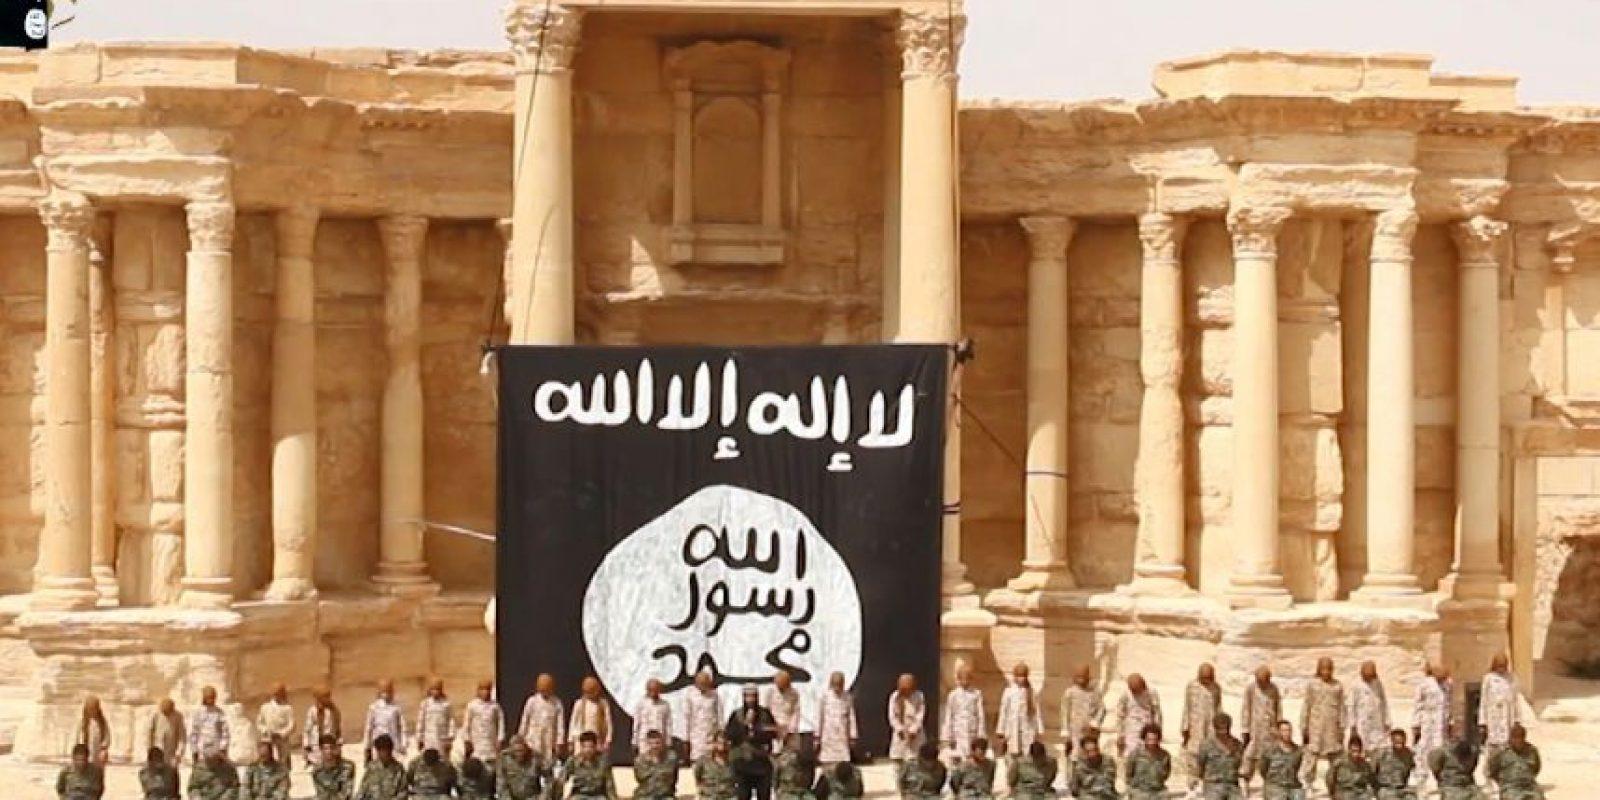 El Estado Islámico capturado Palmira en mayo de 2015 Foto:AFP